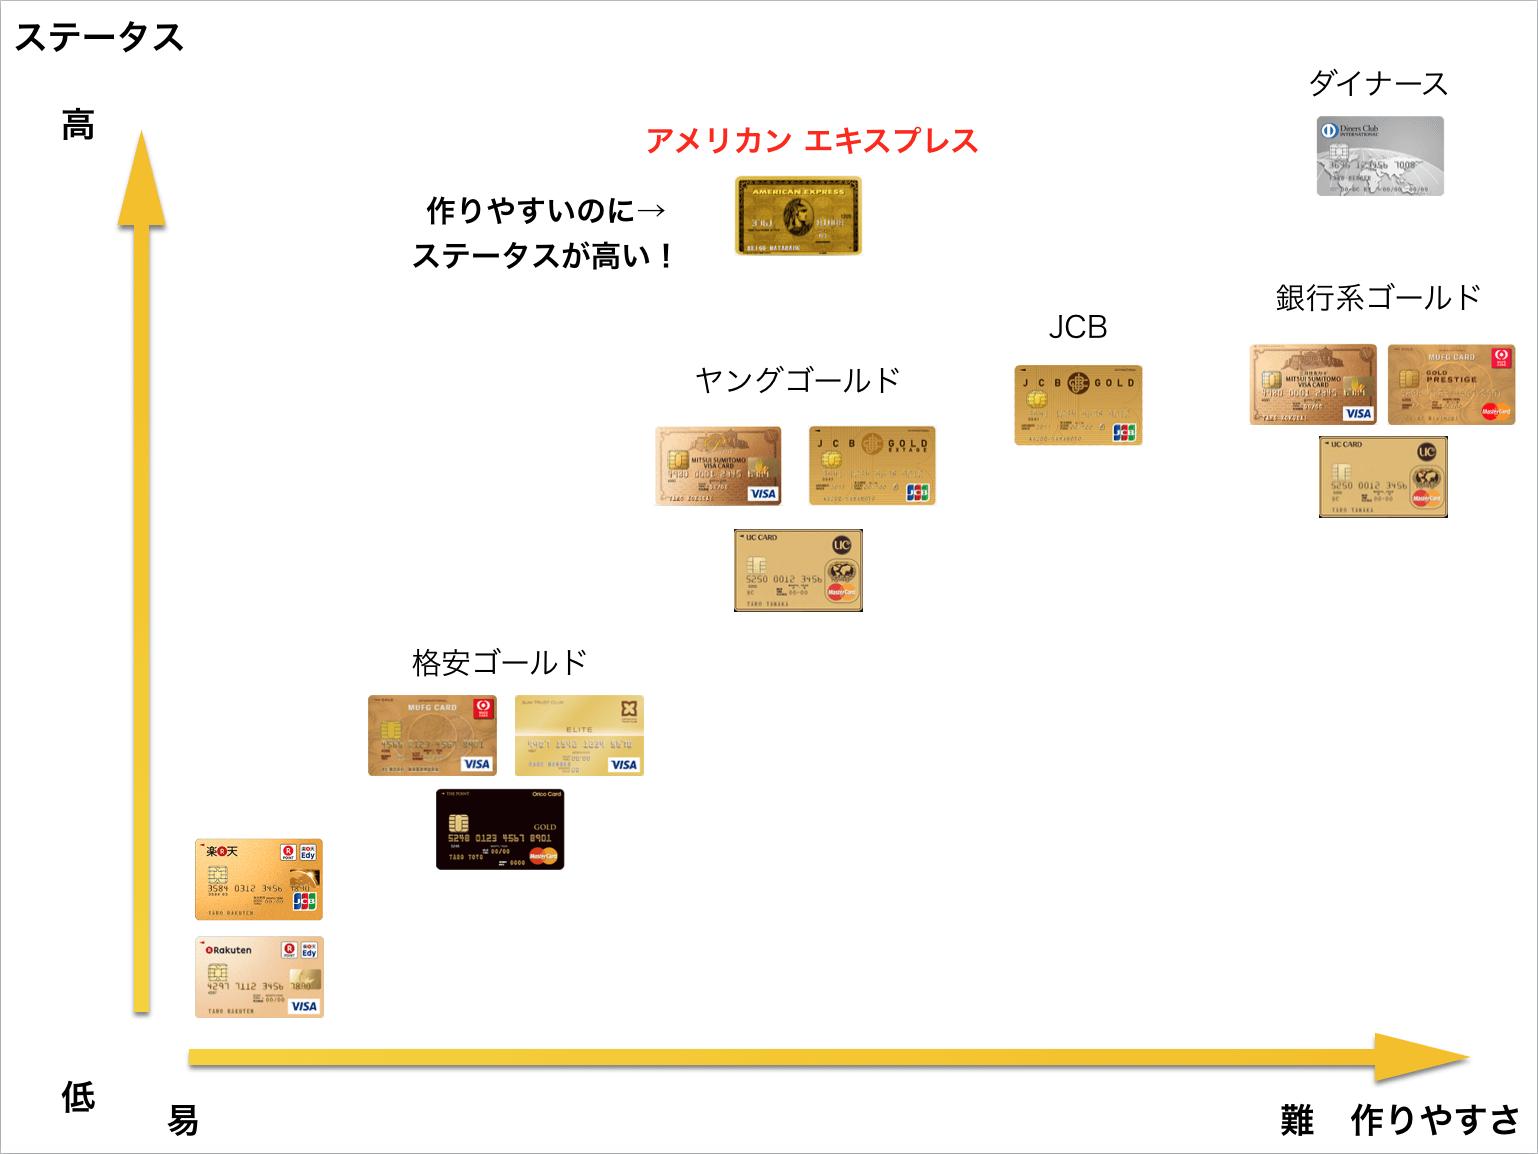 ゴールドカード ステータス 図解2